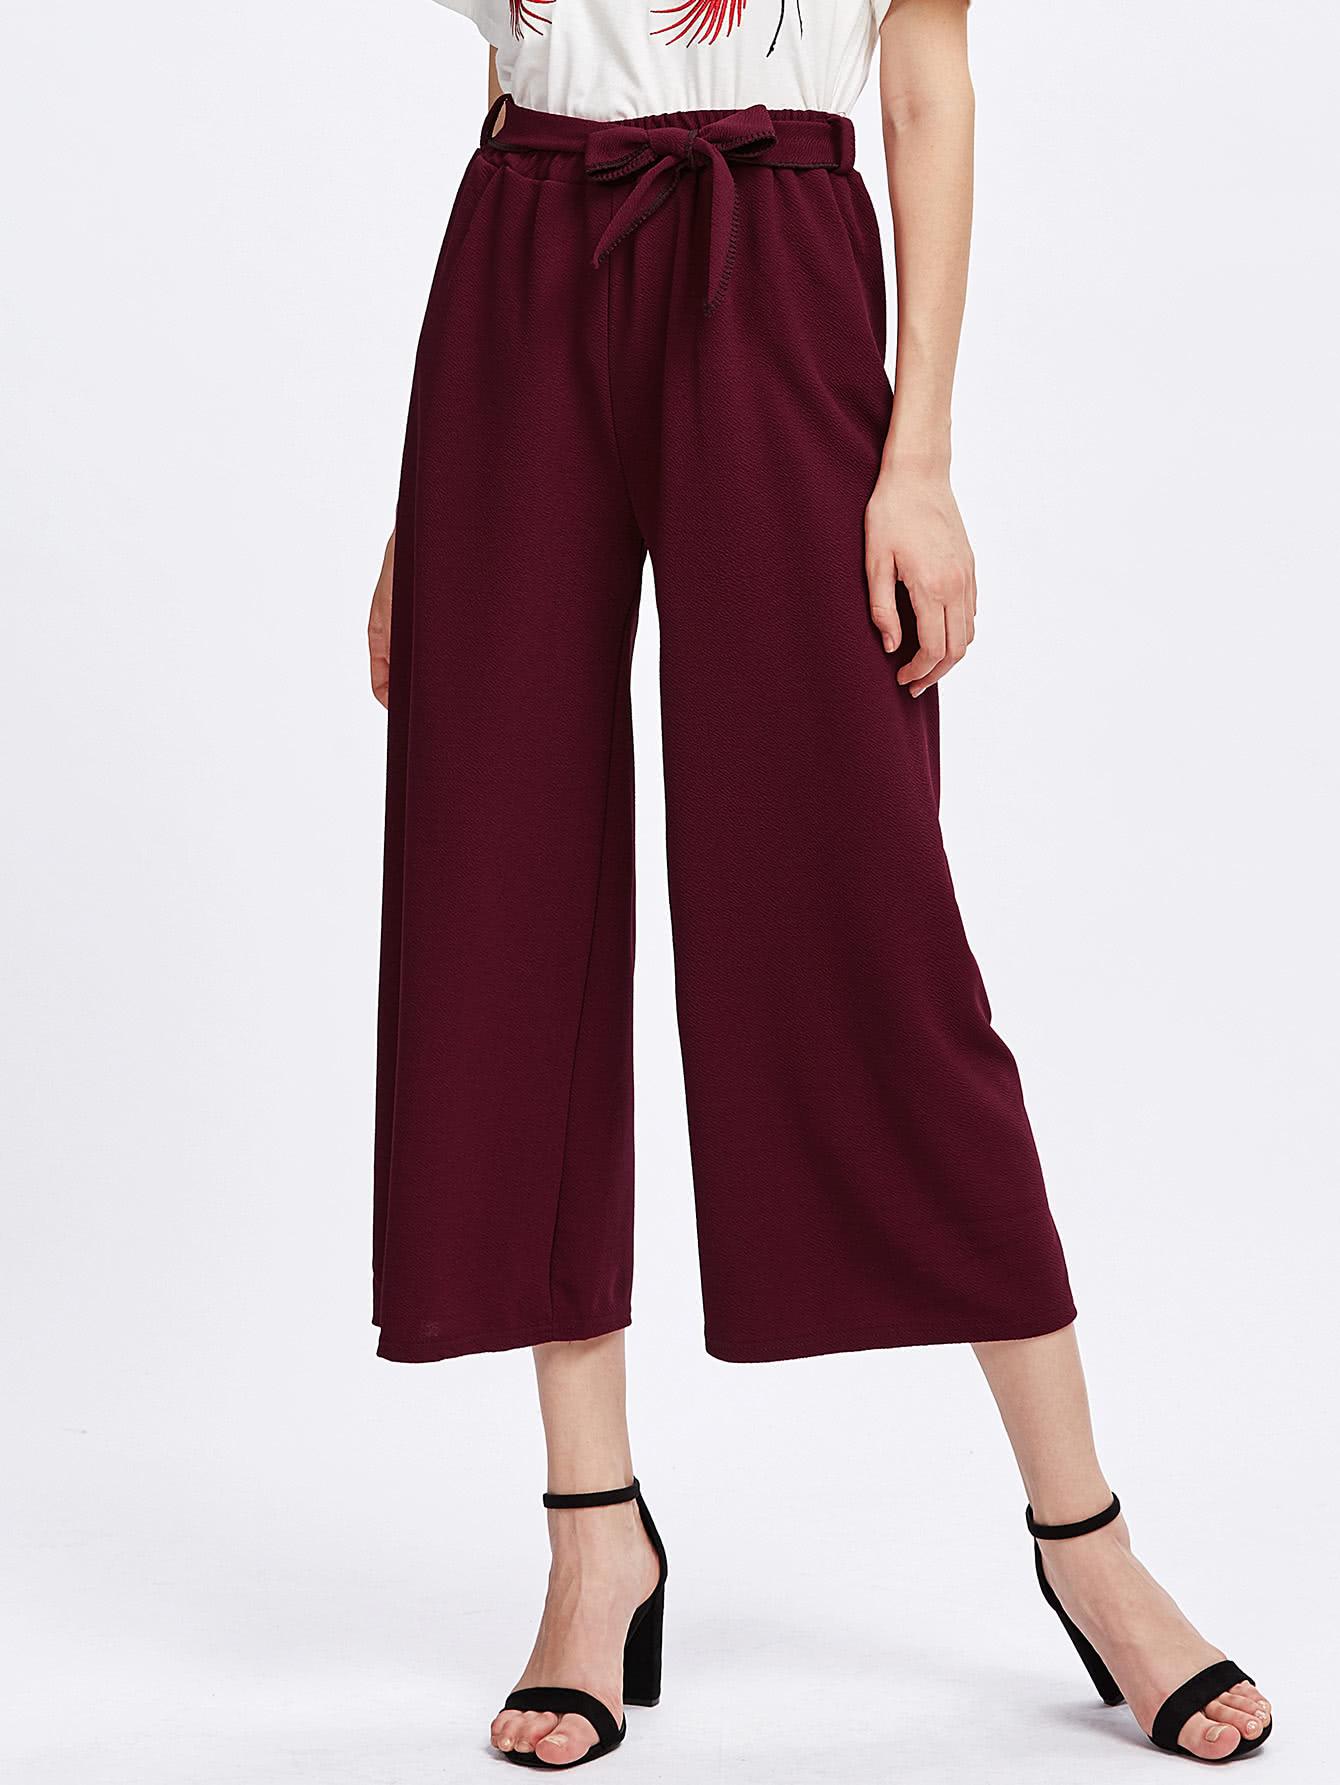 Self Tie Wide Leg Pants pants170706101